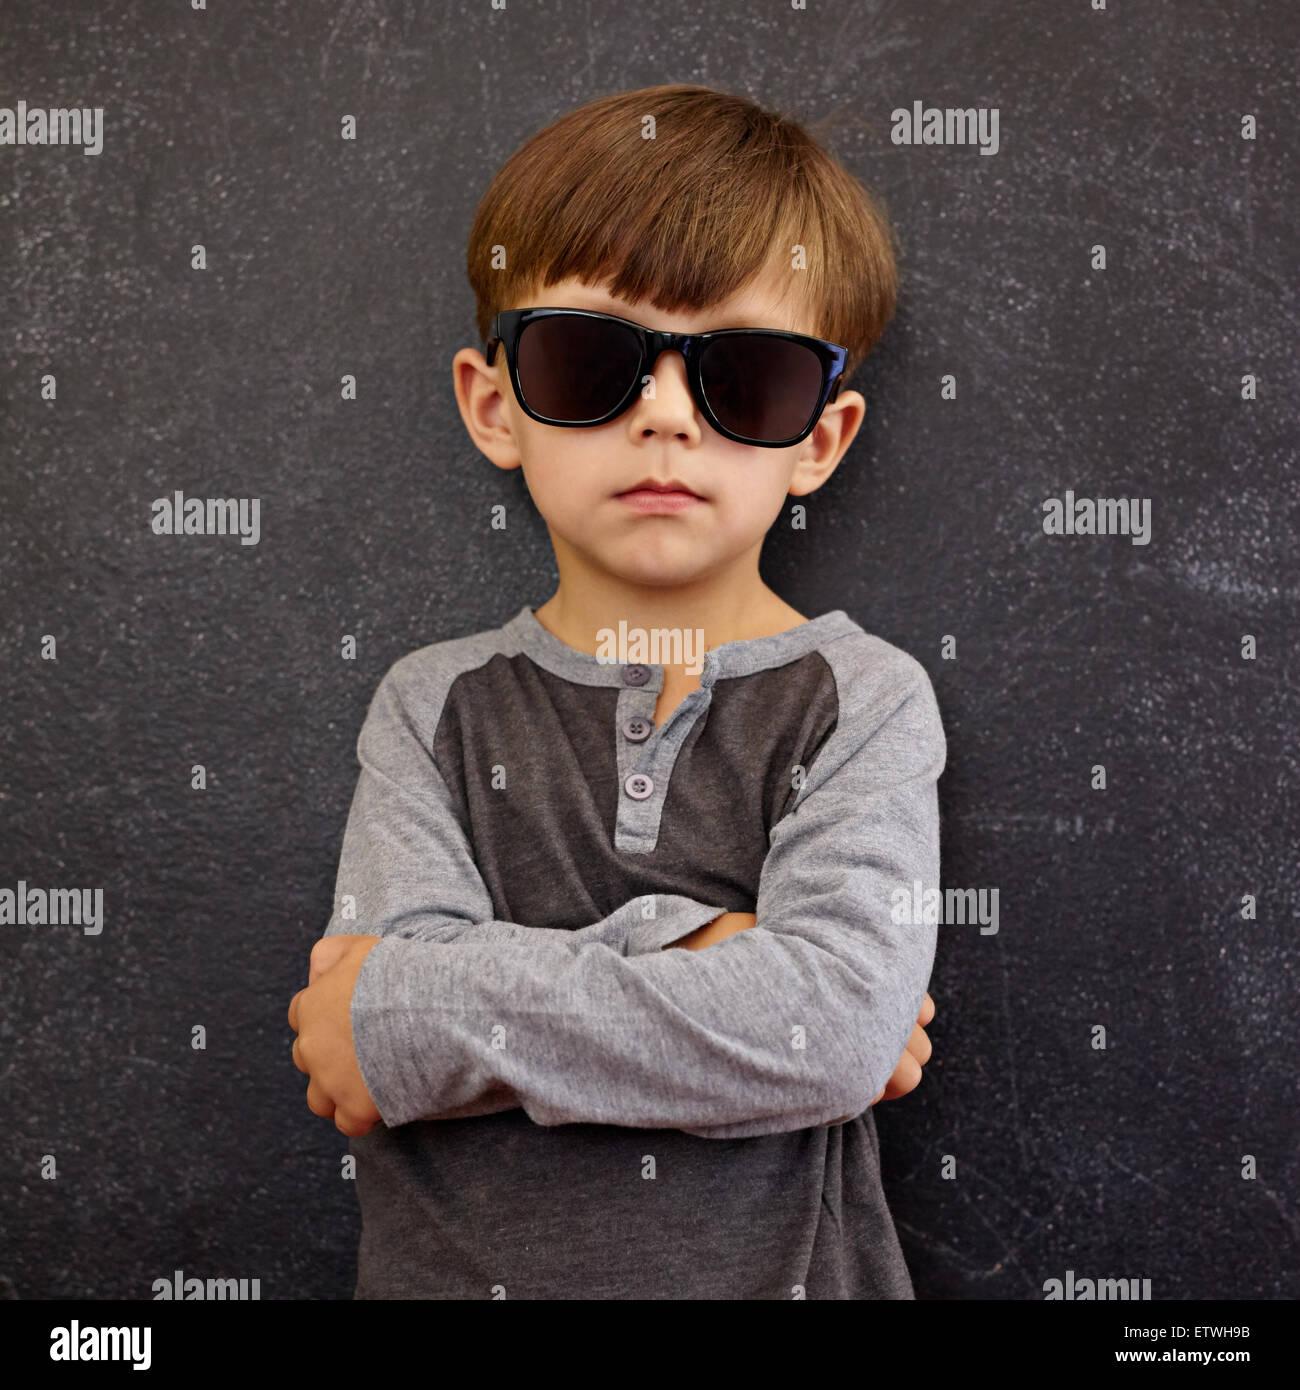 Cooles Bild posiert für Jungs